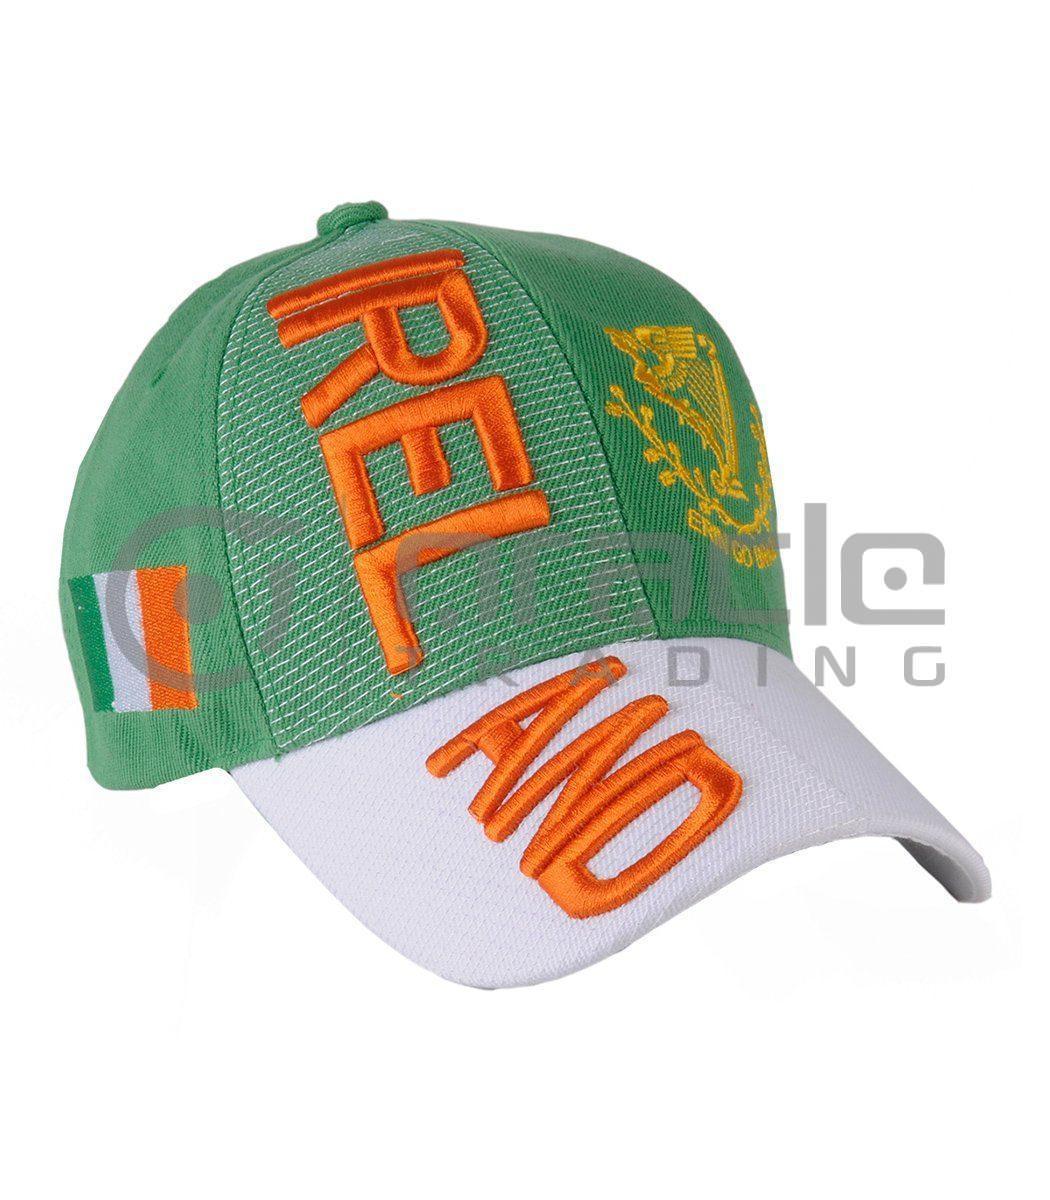 3D Ireland Hat - Erin Go Bragh